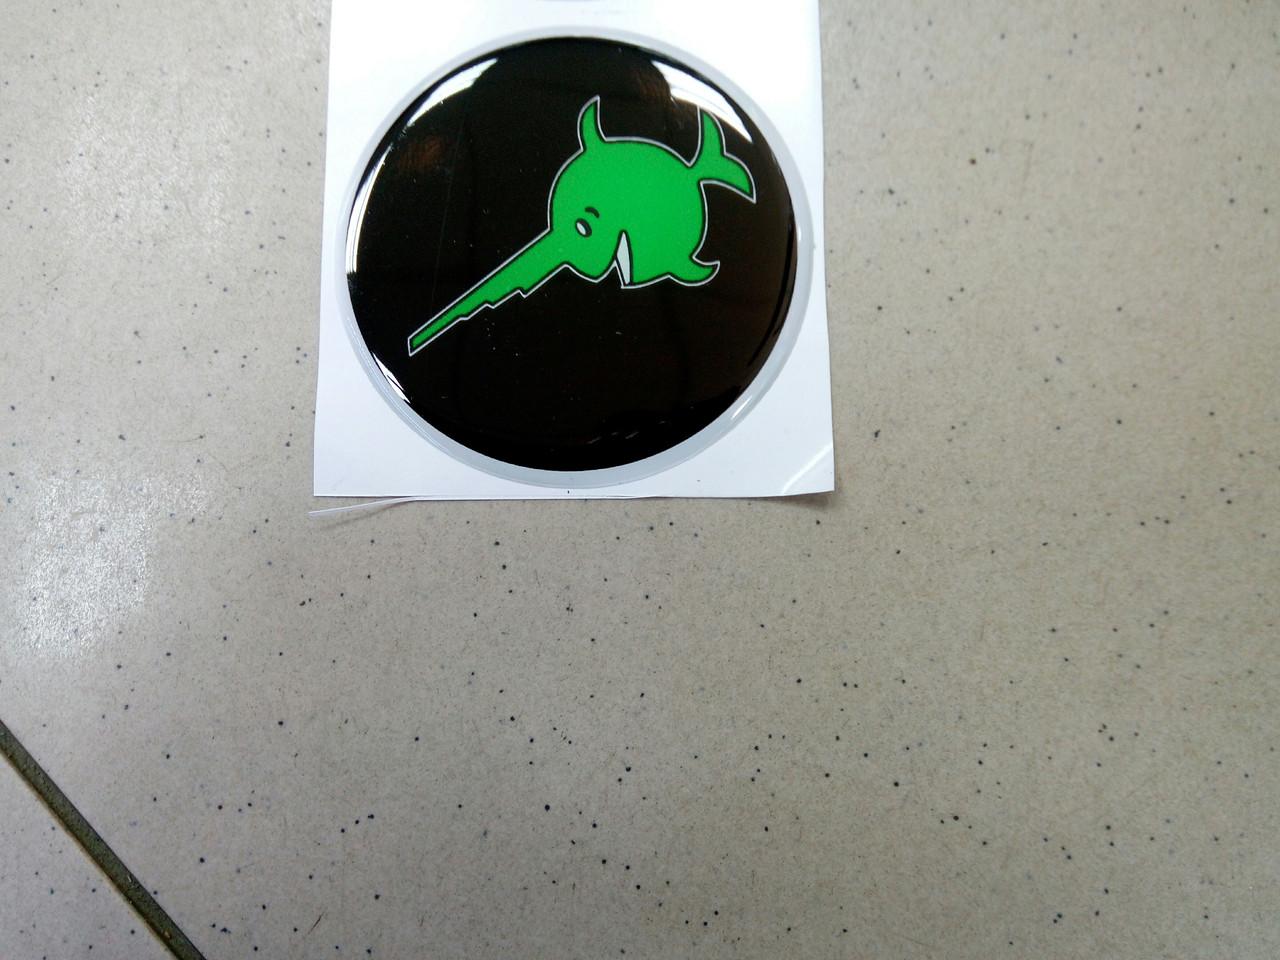 Заказ покупателя силиконовая 3D наклейка РЫБА ПИЛА  7,5 см, есть в наличии